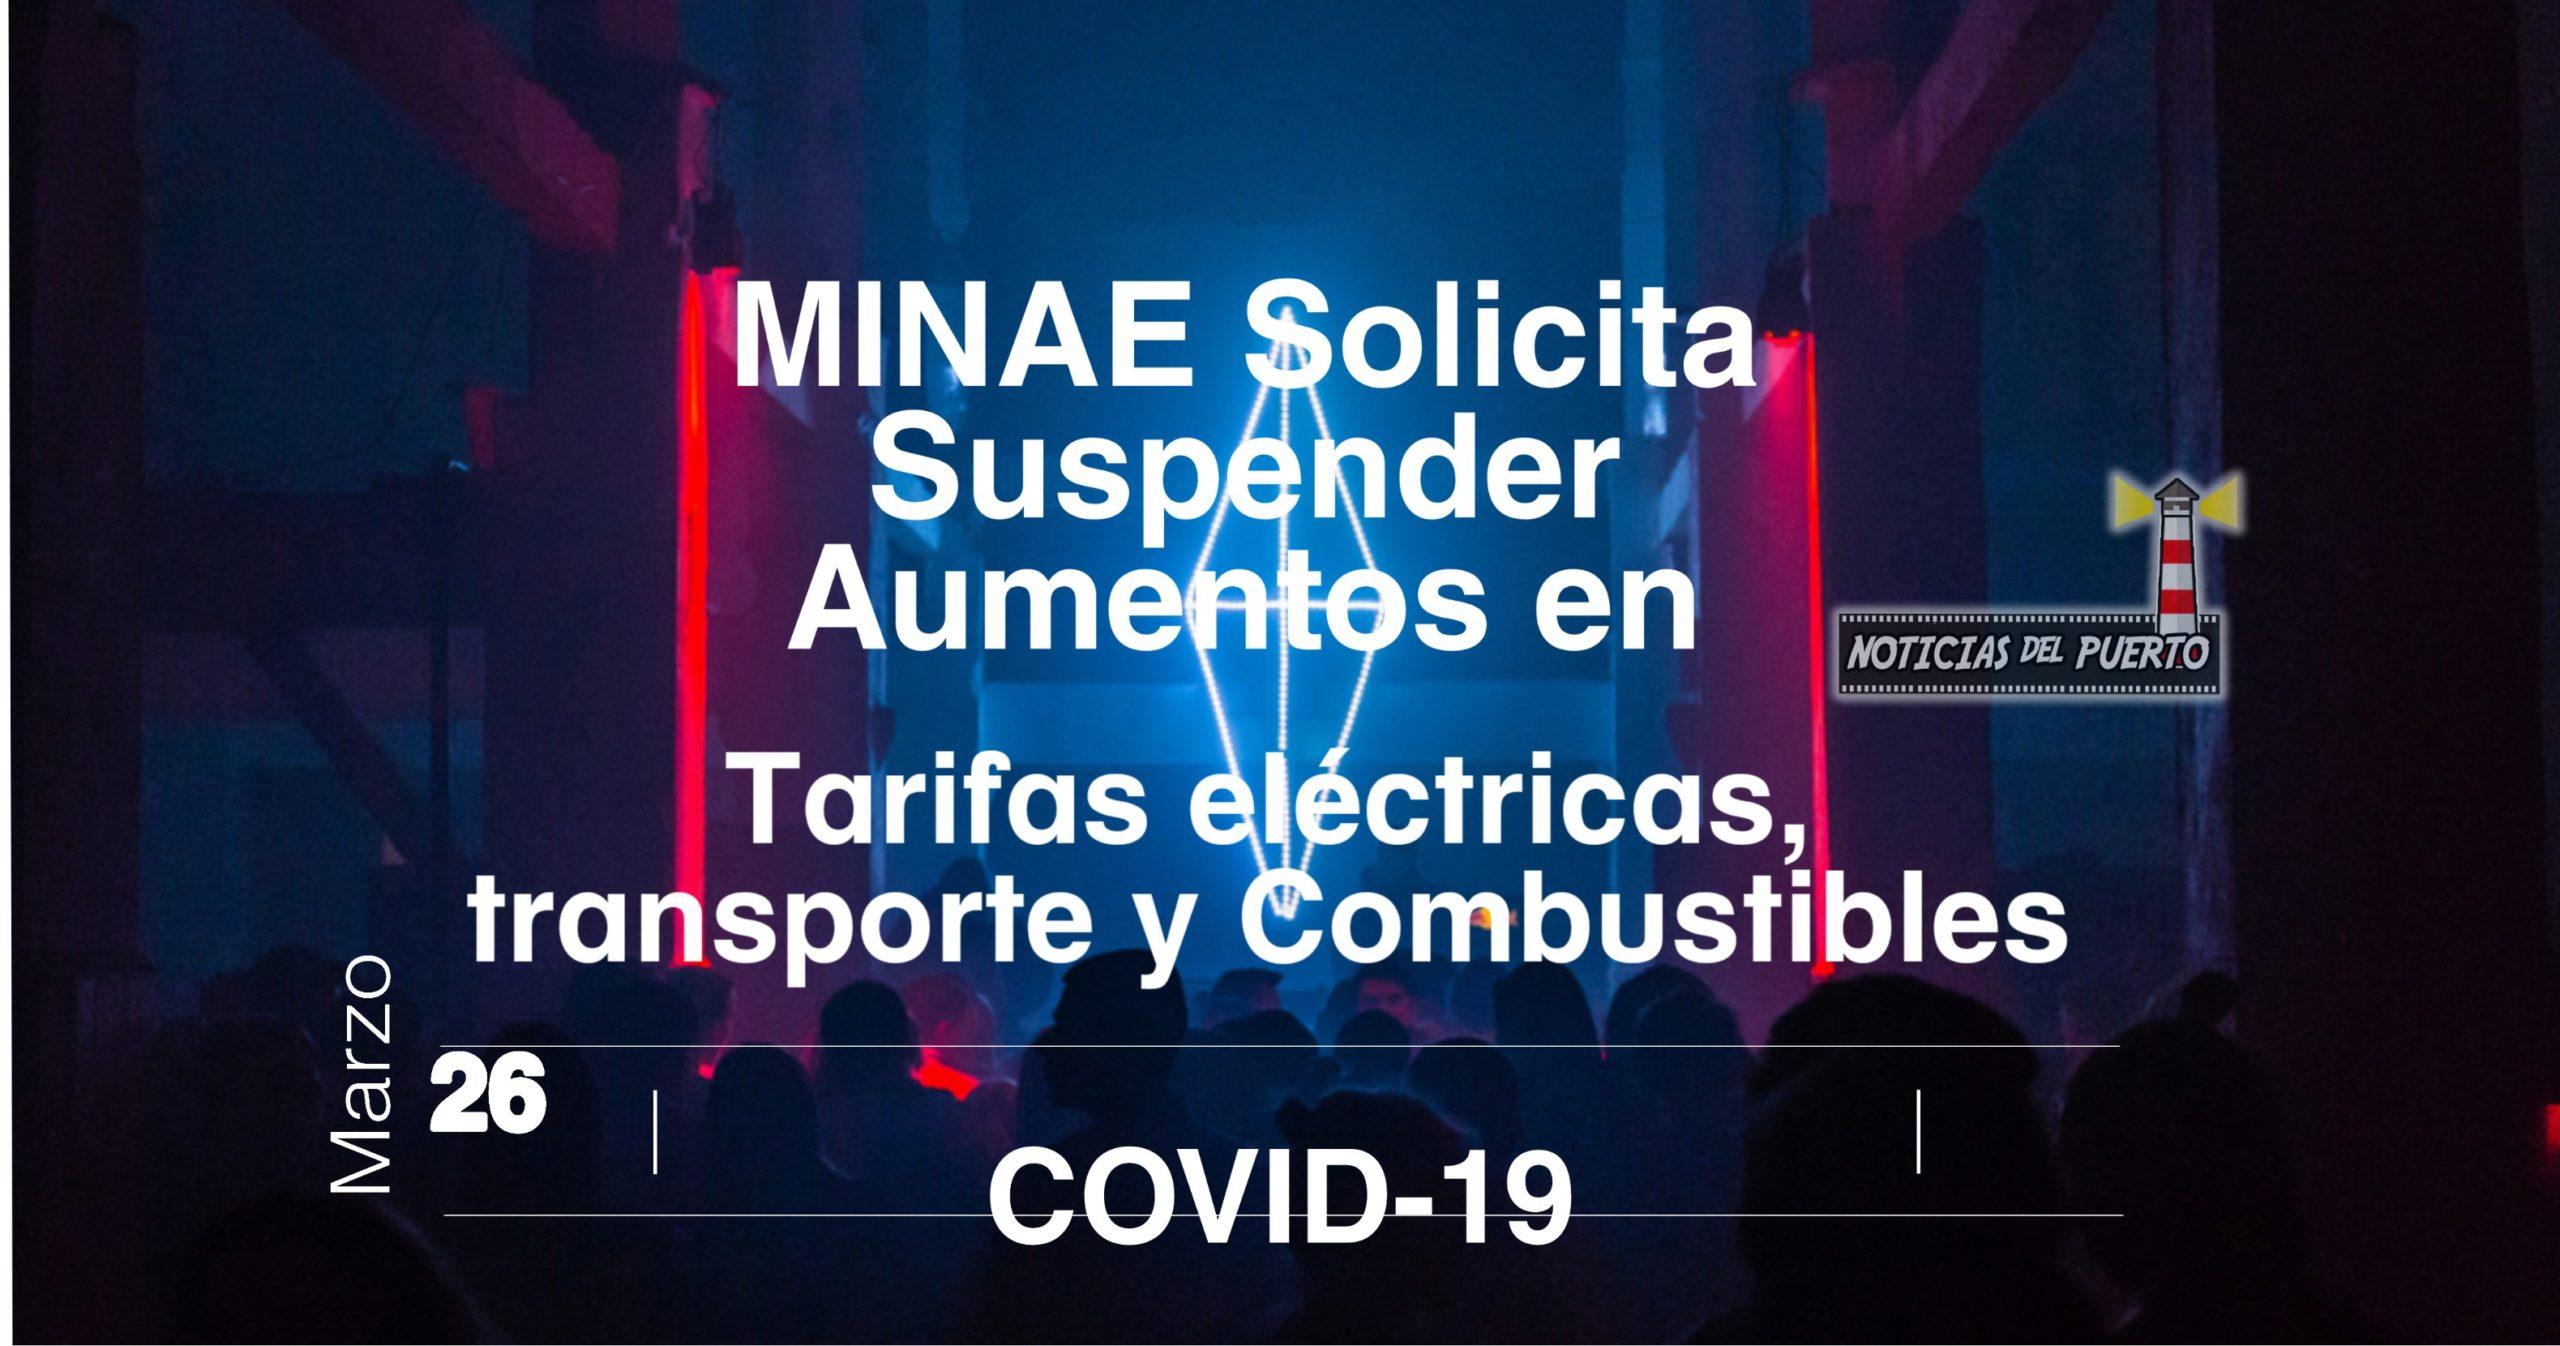 Photo of MINAE solicita suspender solicitudes de aumento de tarifas eléctricas,  transporte y suministro de combustibles